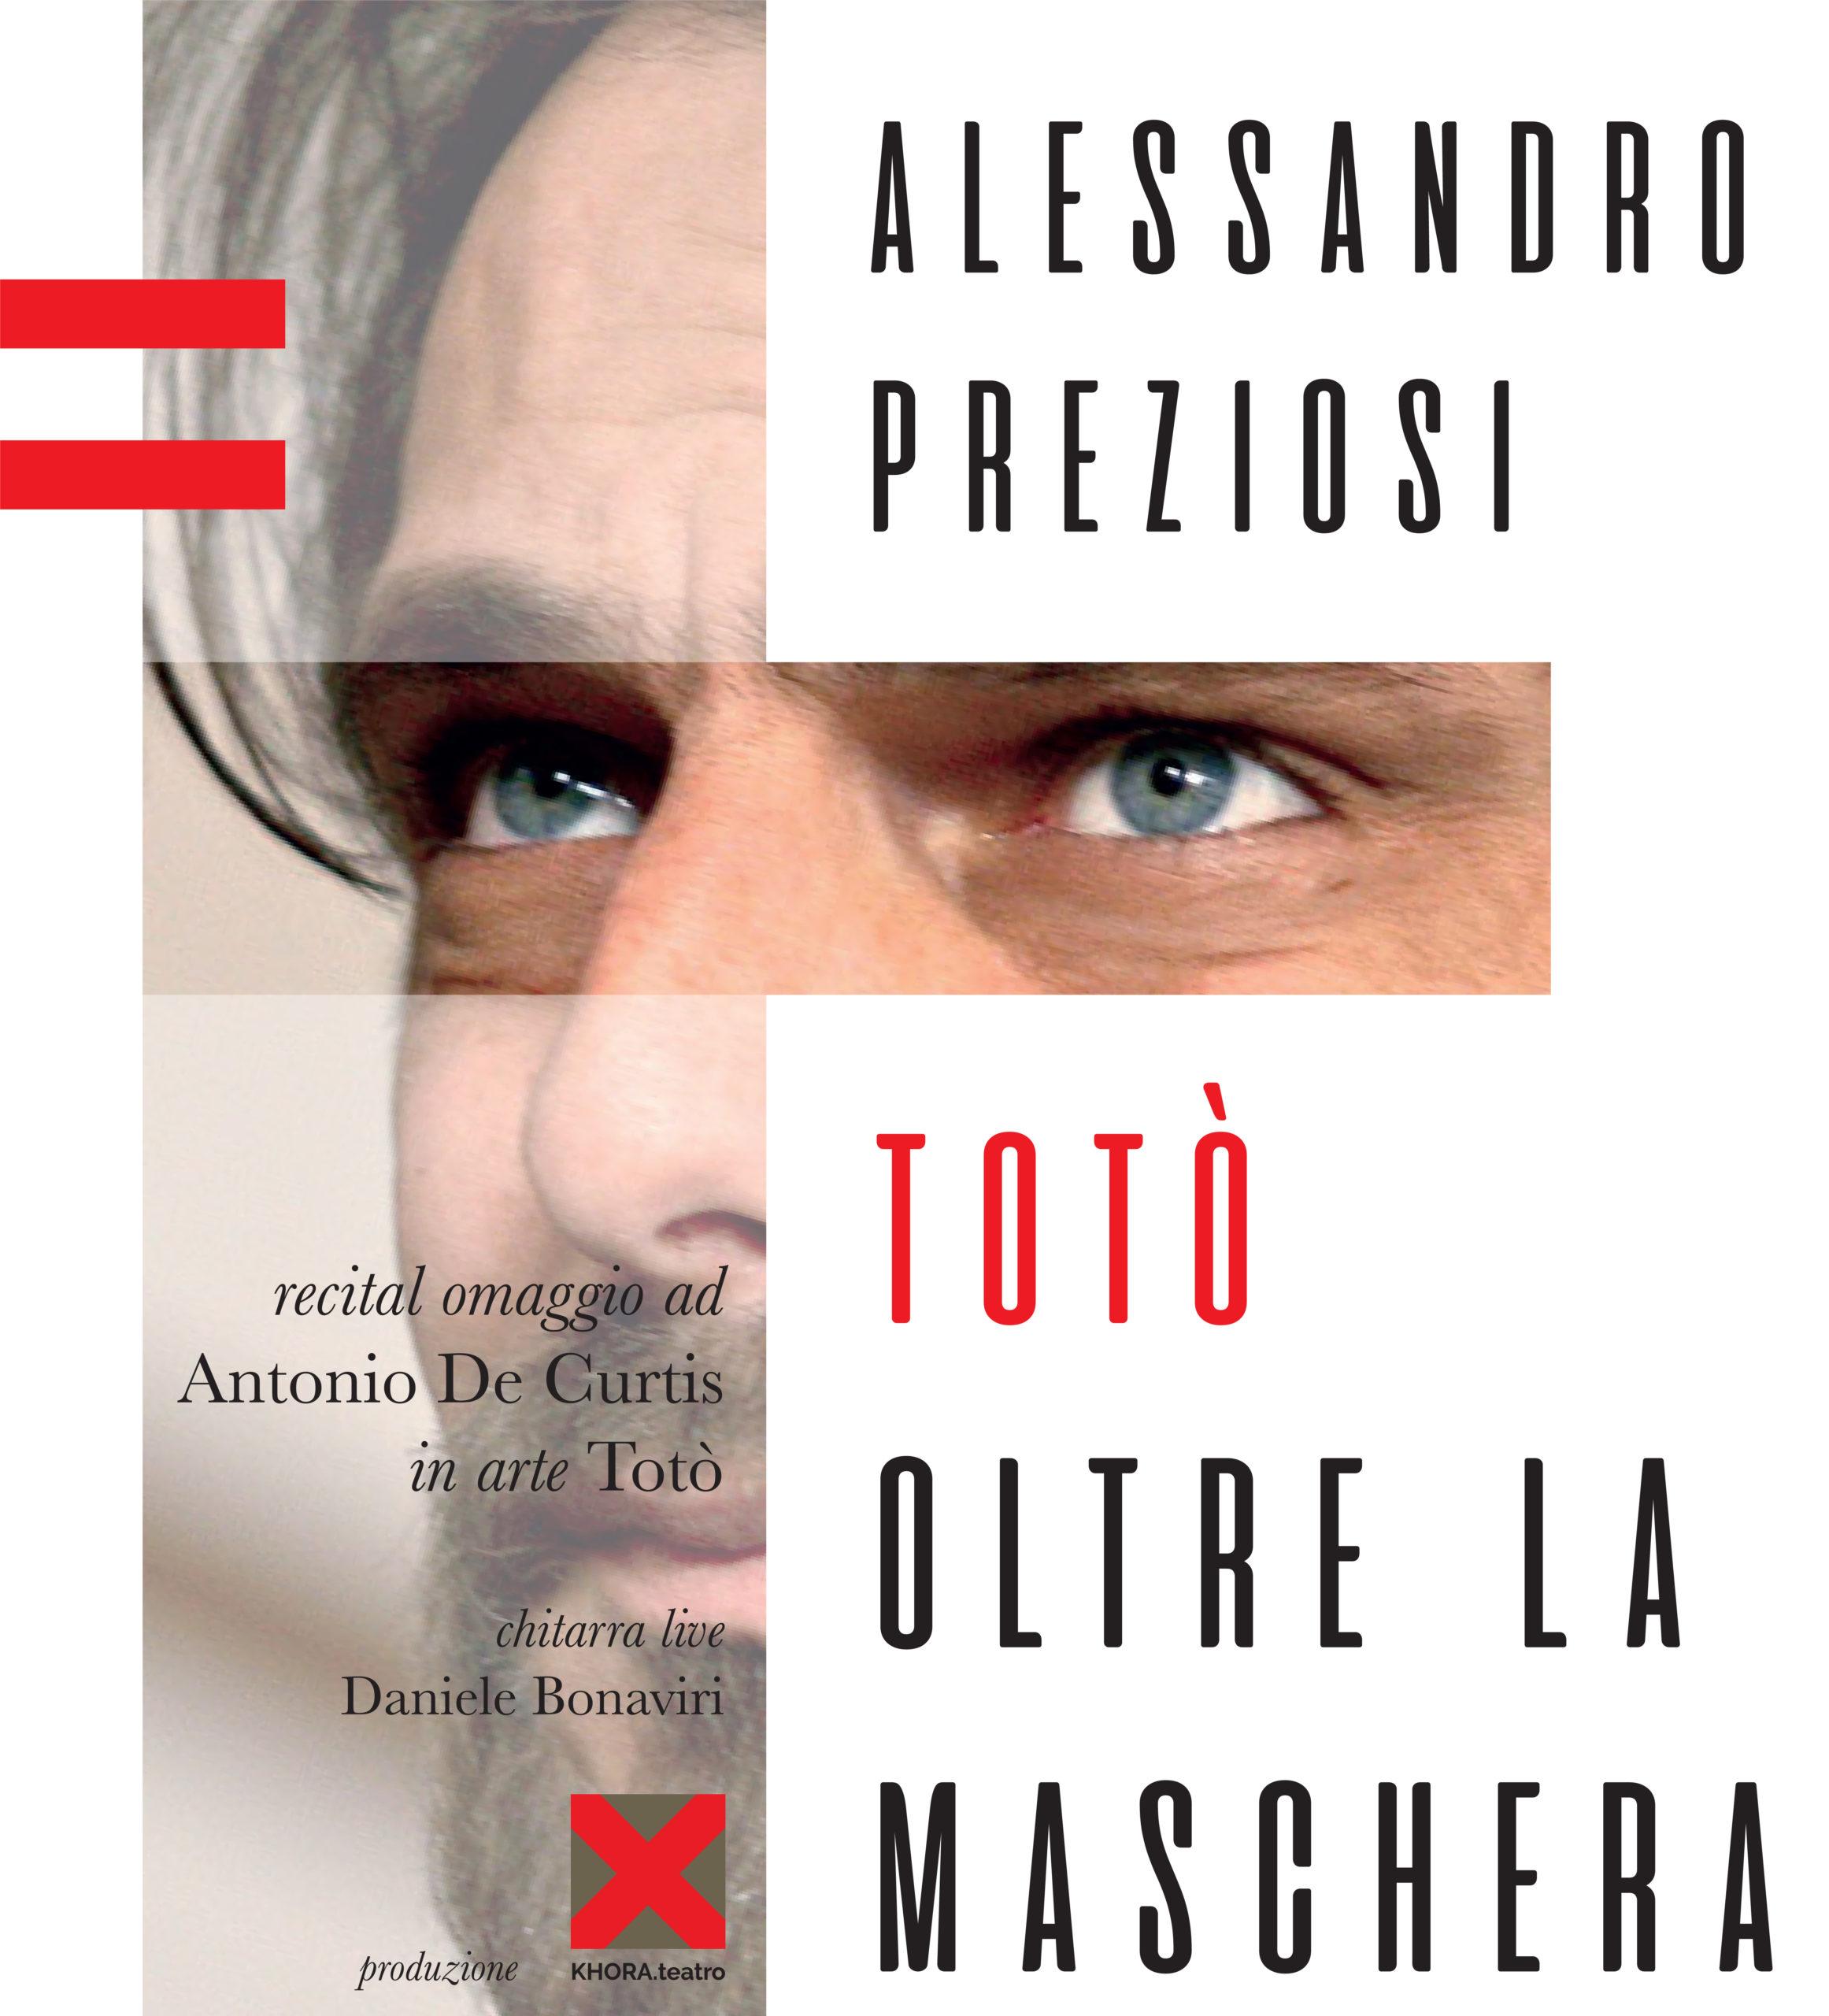 """SANT'ELPIDIO A MARE, ALESSANDRO PREZIOSI IL 21 LUGLIO CON """"TOTO' OLTRE LA MASCHERA"""""""